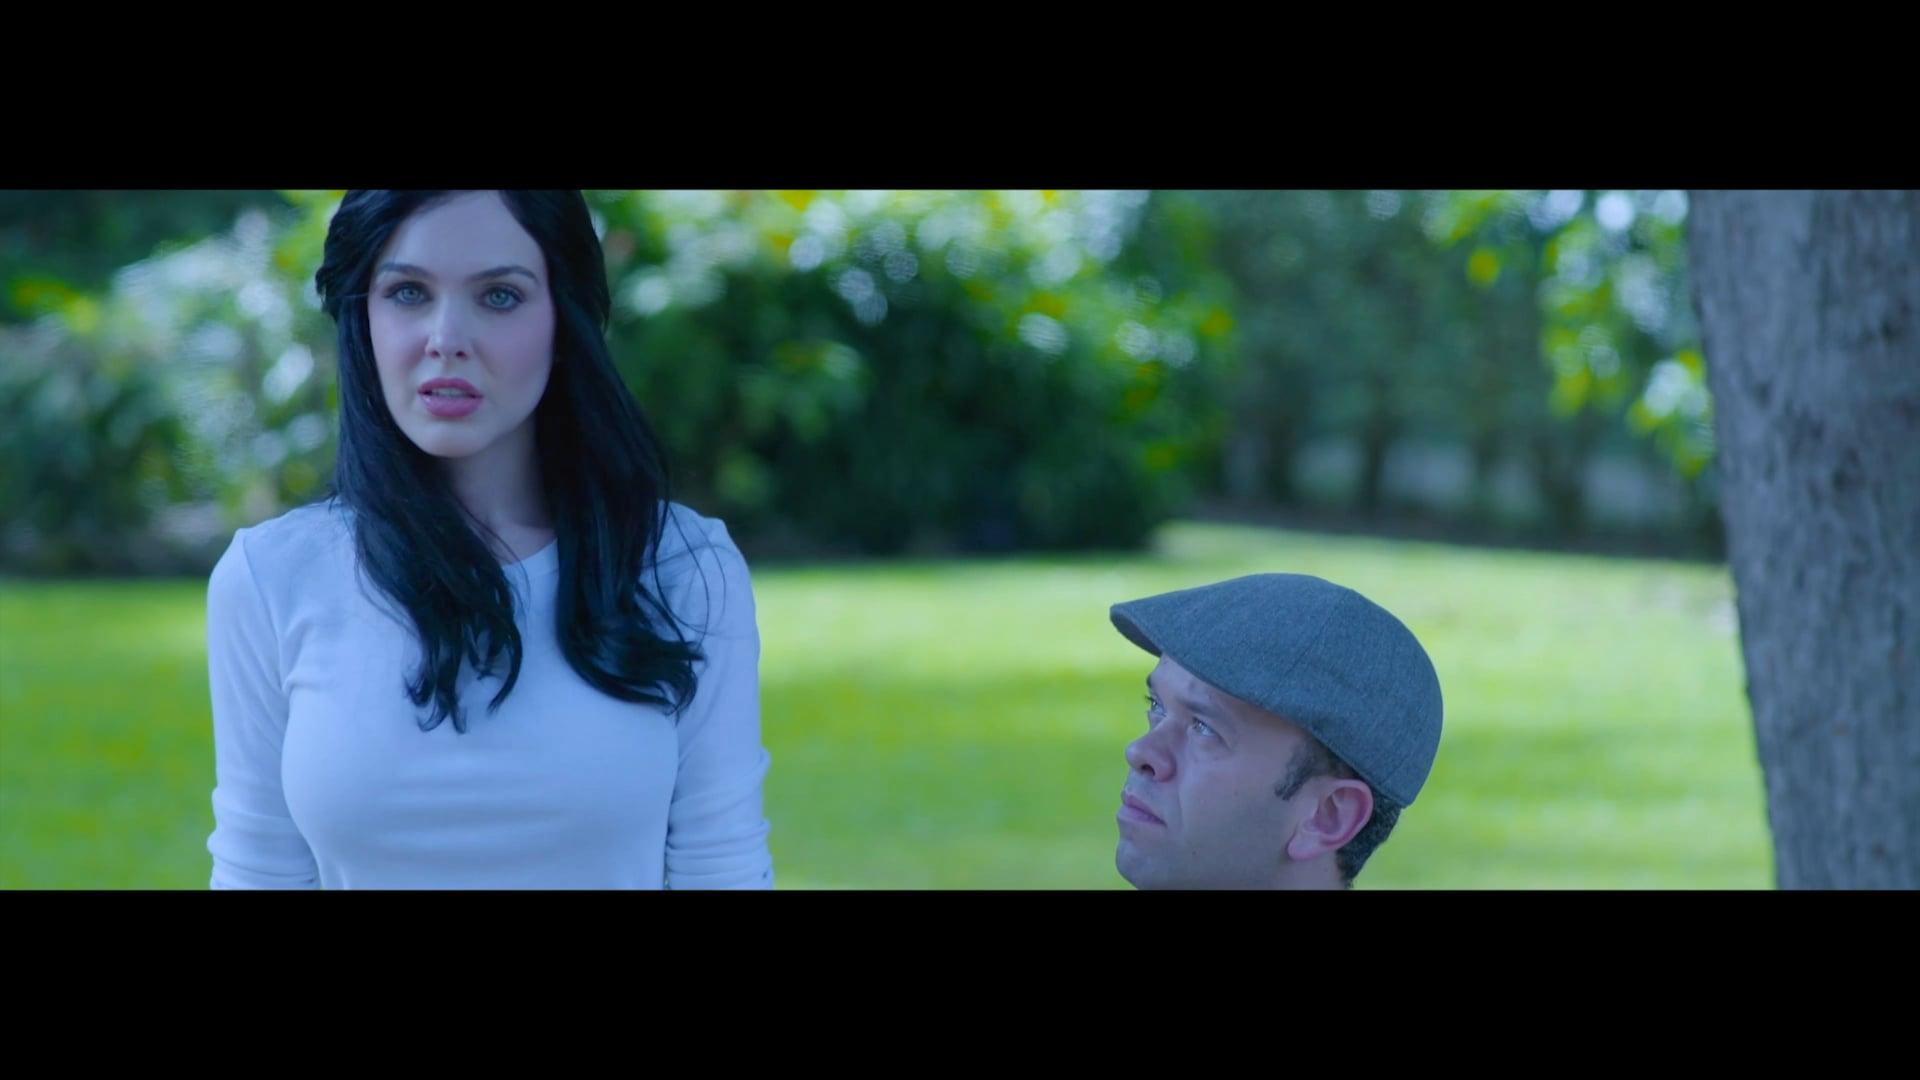 Snow White Trailer